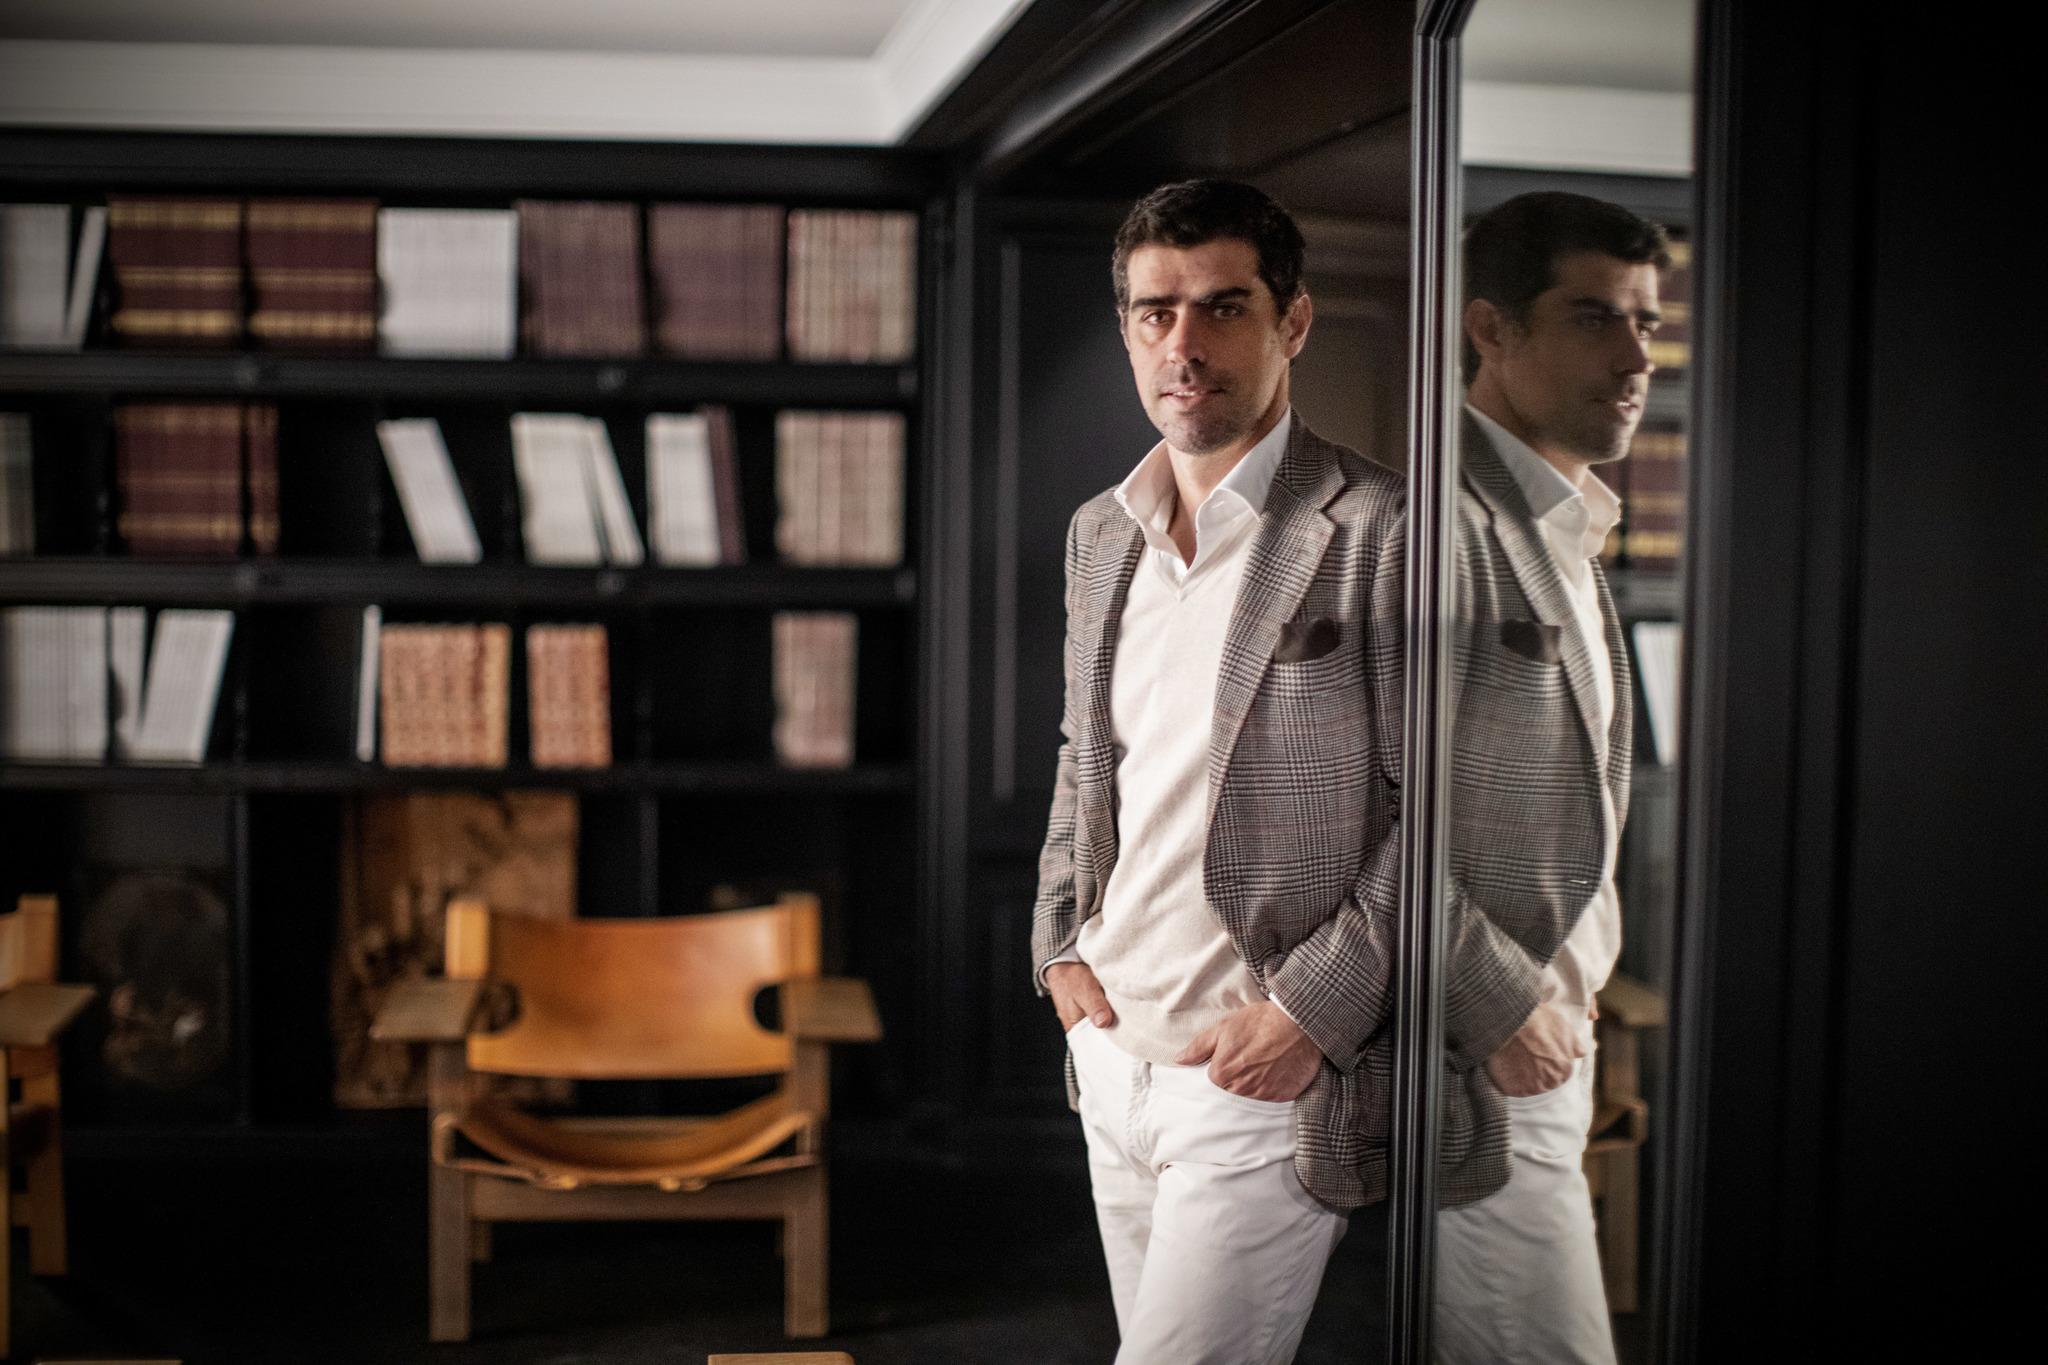 Jorge Coll, en la galería Colnaghi de Madrid.